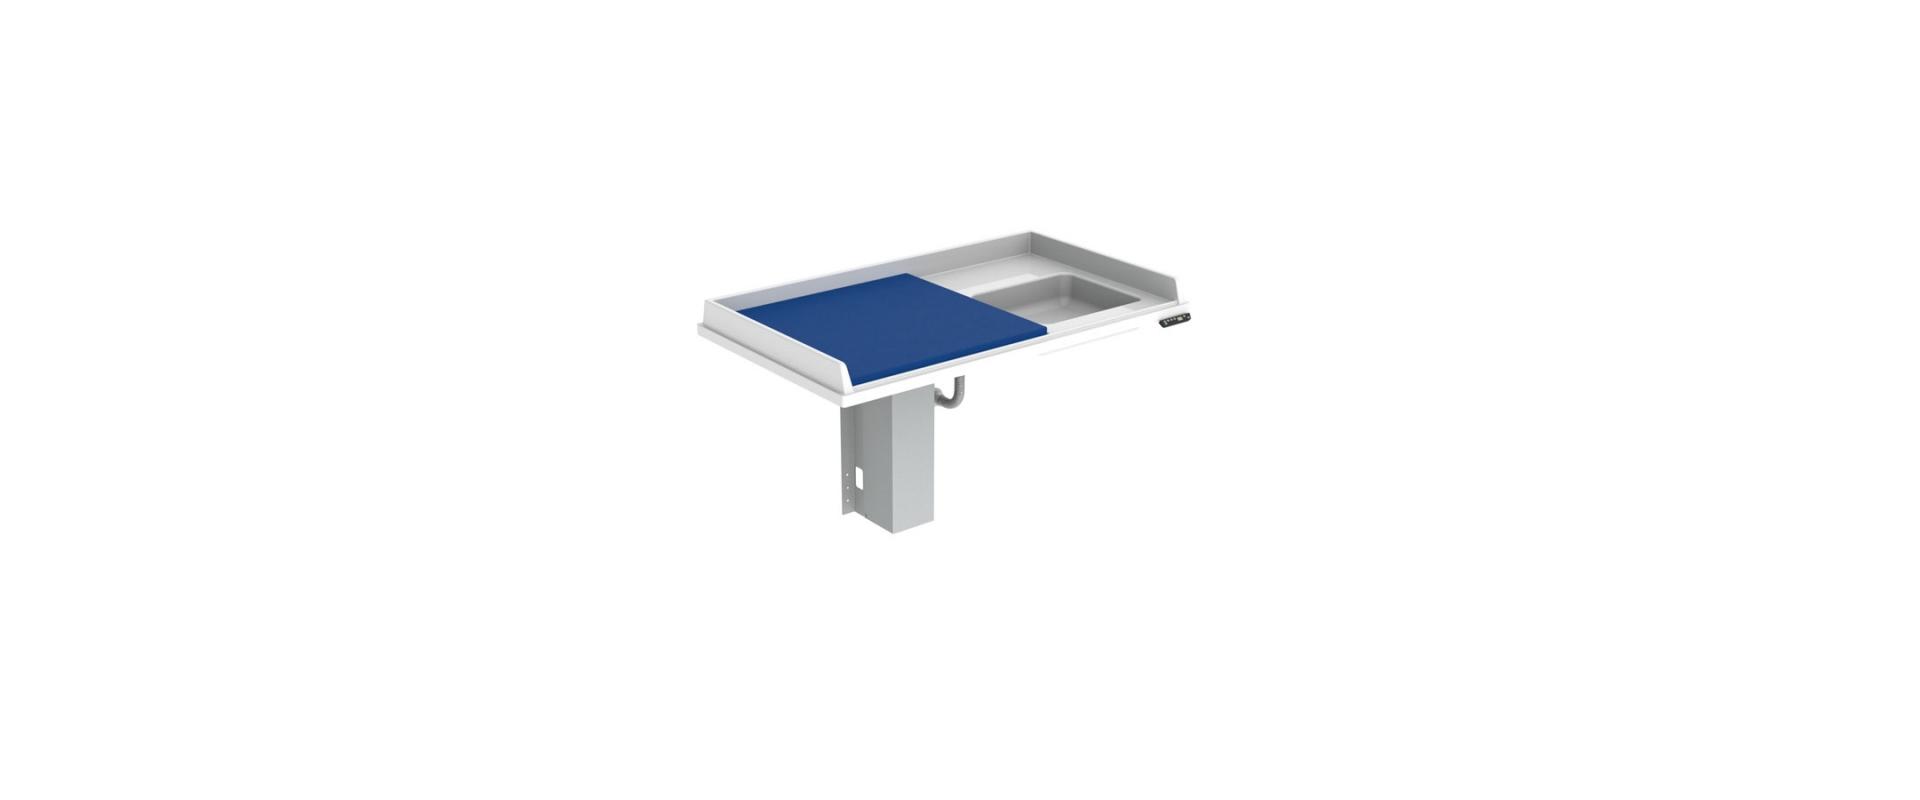 <b>Wickeltisch 335 - Modell zum selbst konfigurieren</b>